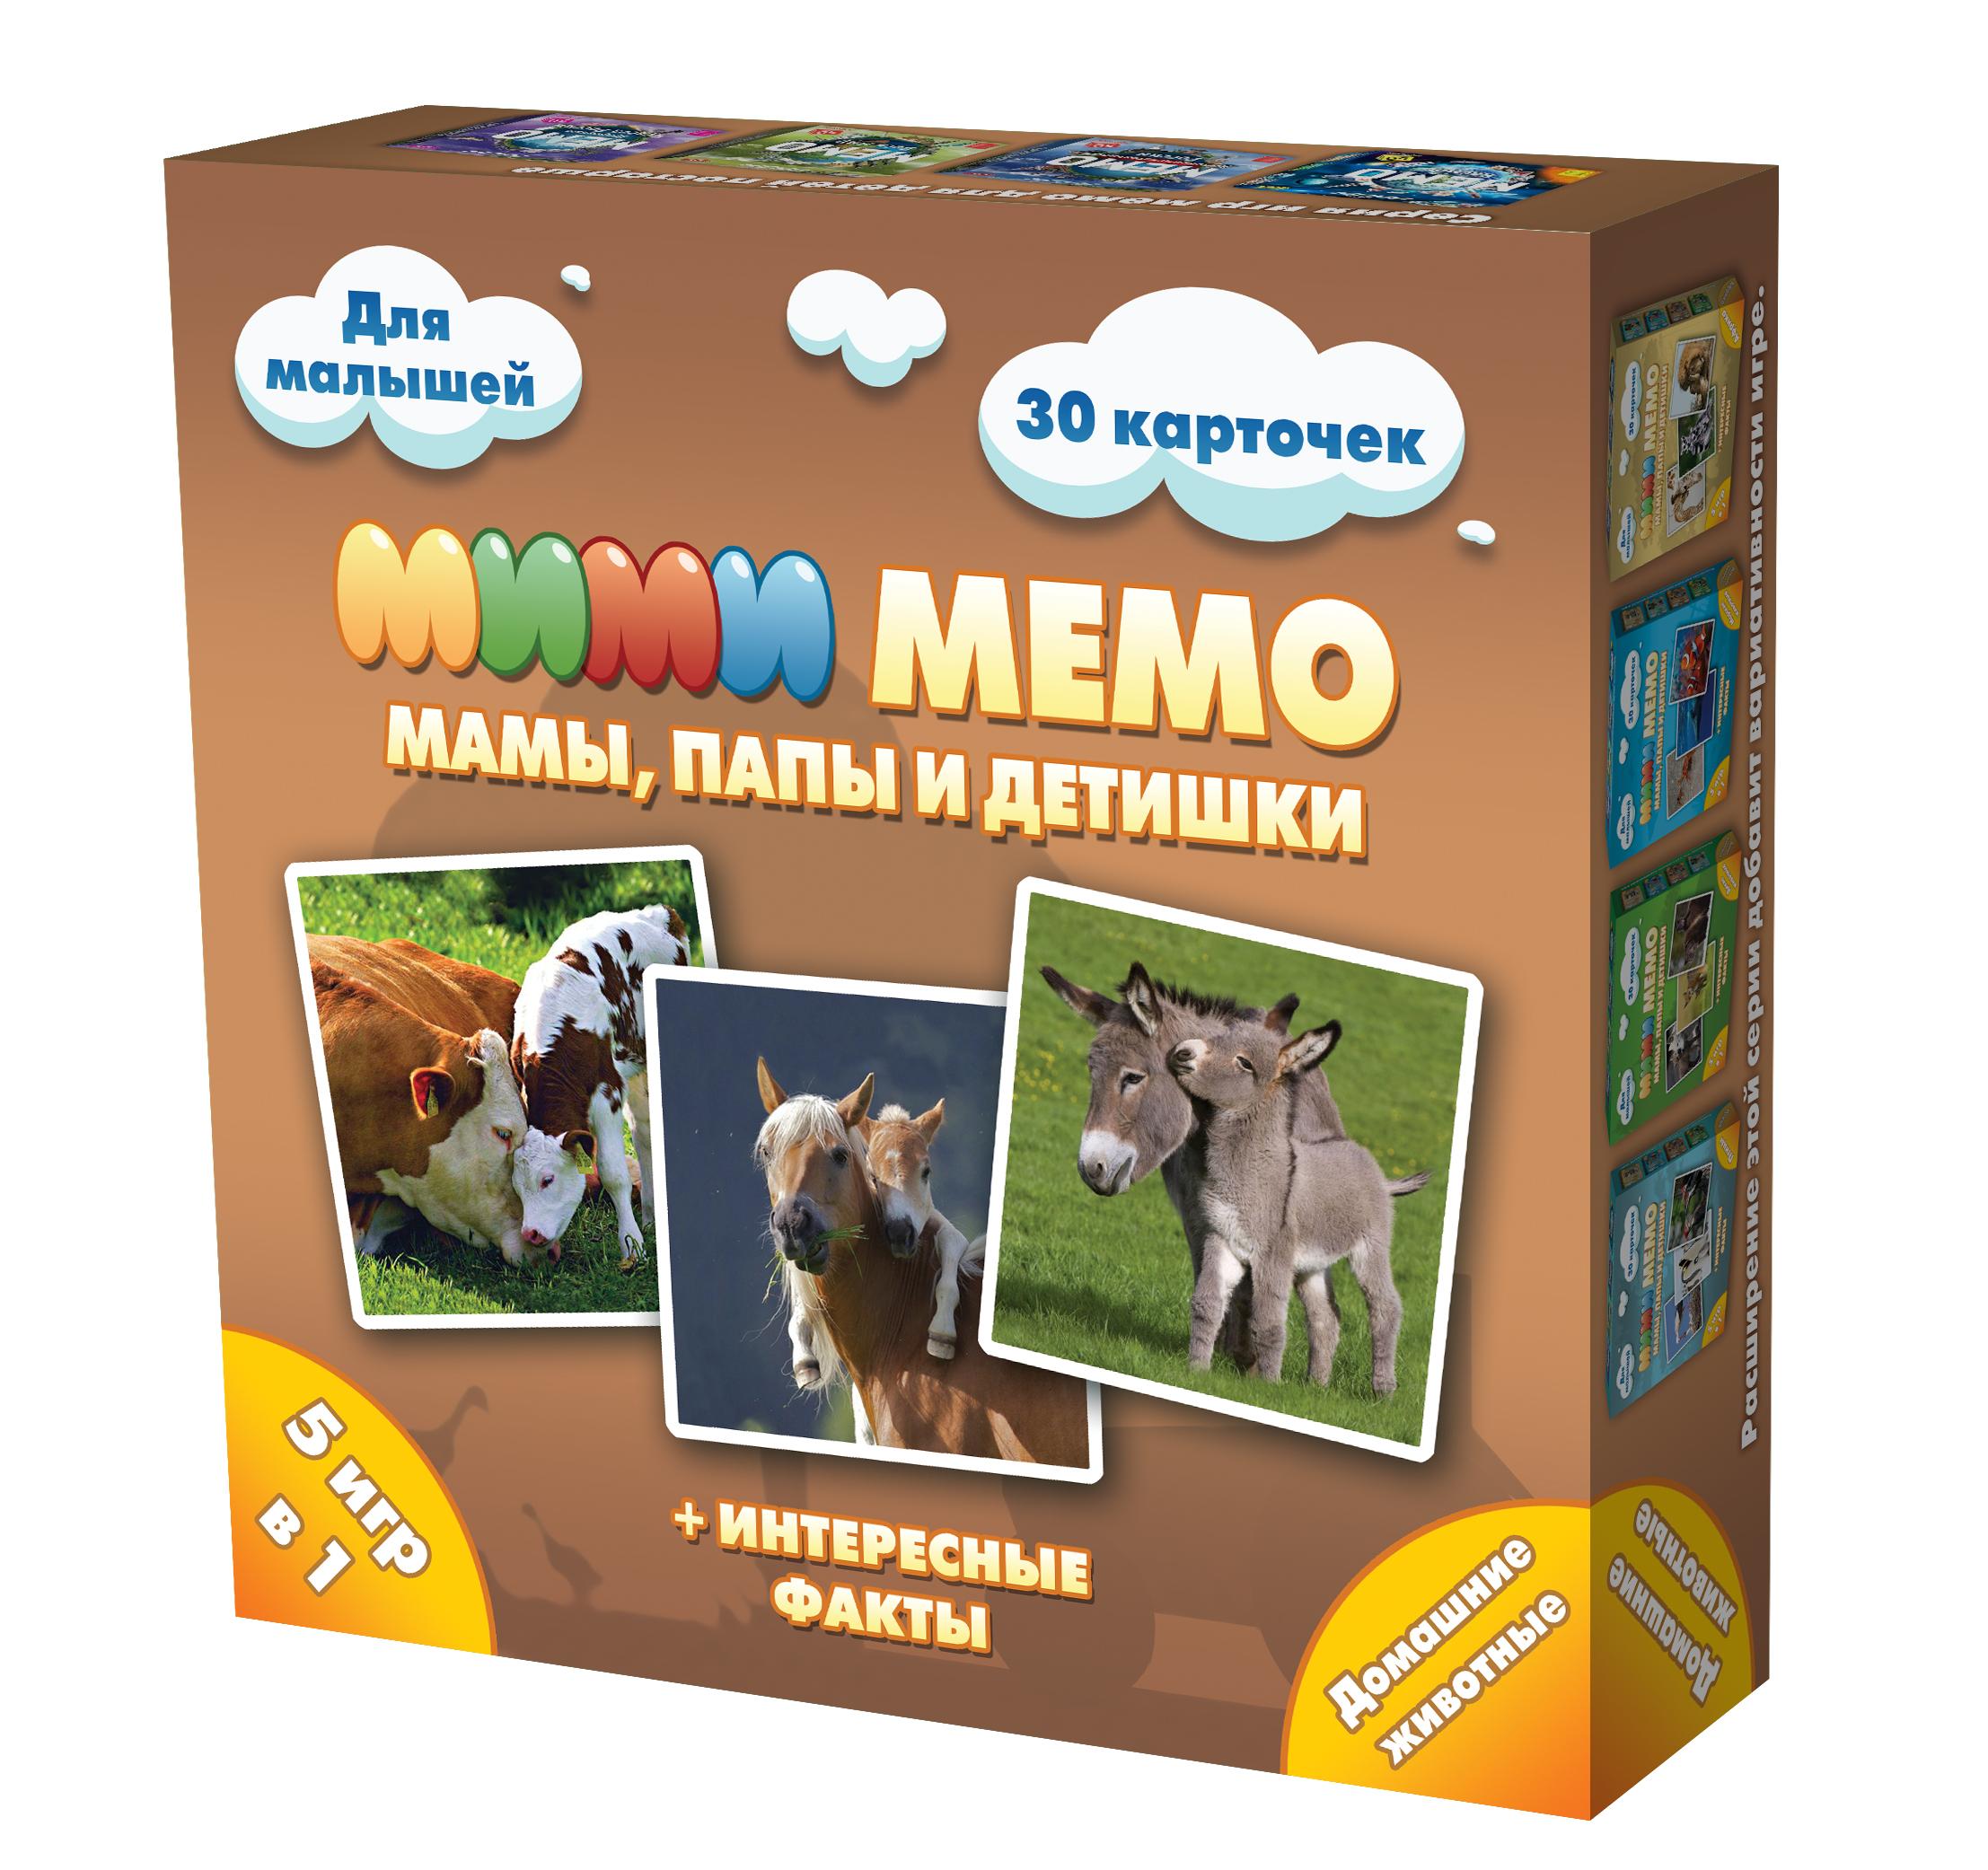 Обучающая игра Нескучные игры Ми-Ми-Мемо, 8051 анданте мемо обучающая игра найди пару формы и цвета 24 фишки